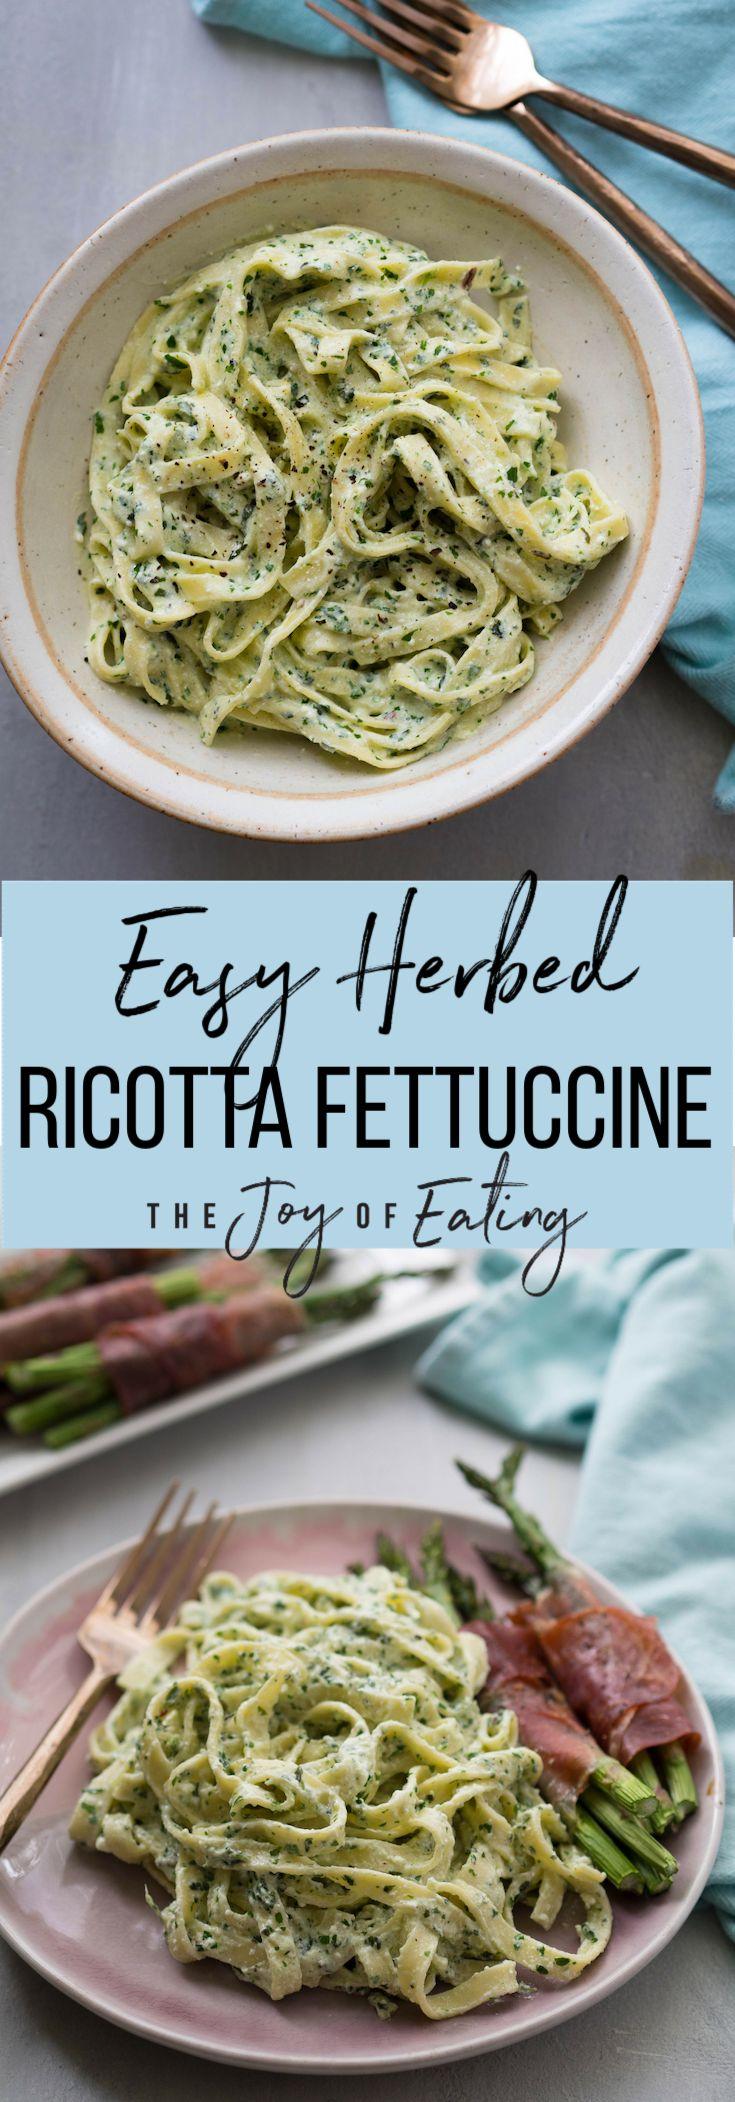 Easy Herbed Ricotta Fettuccine Rezept